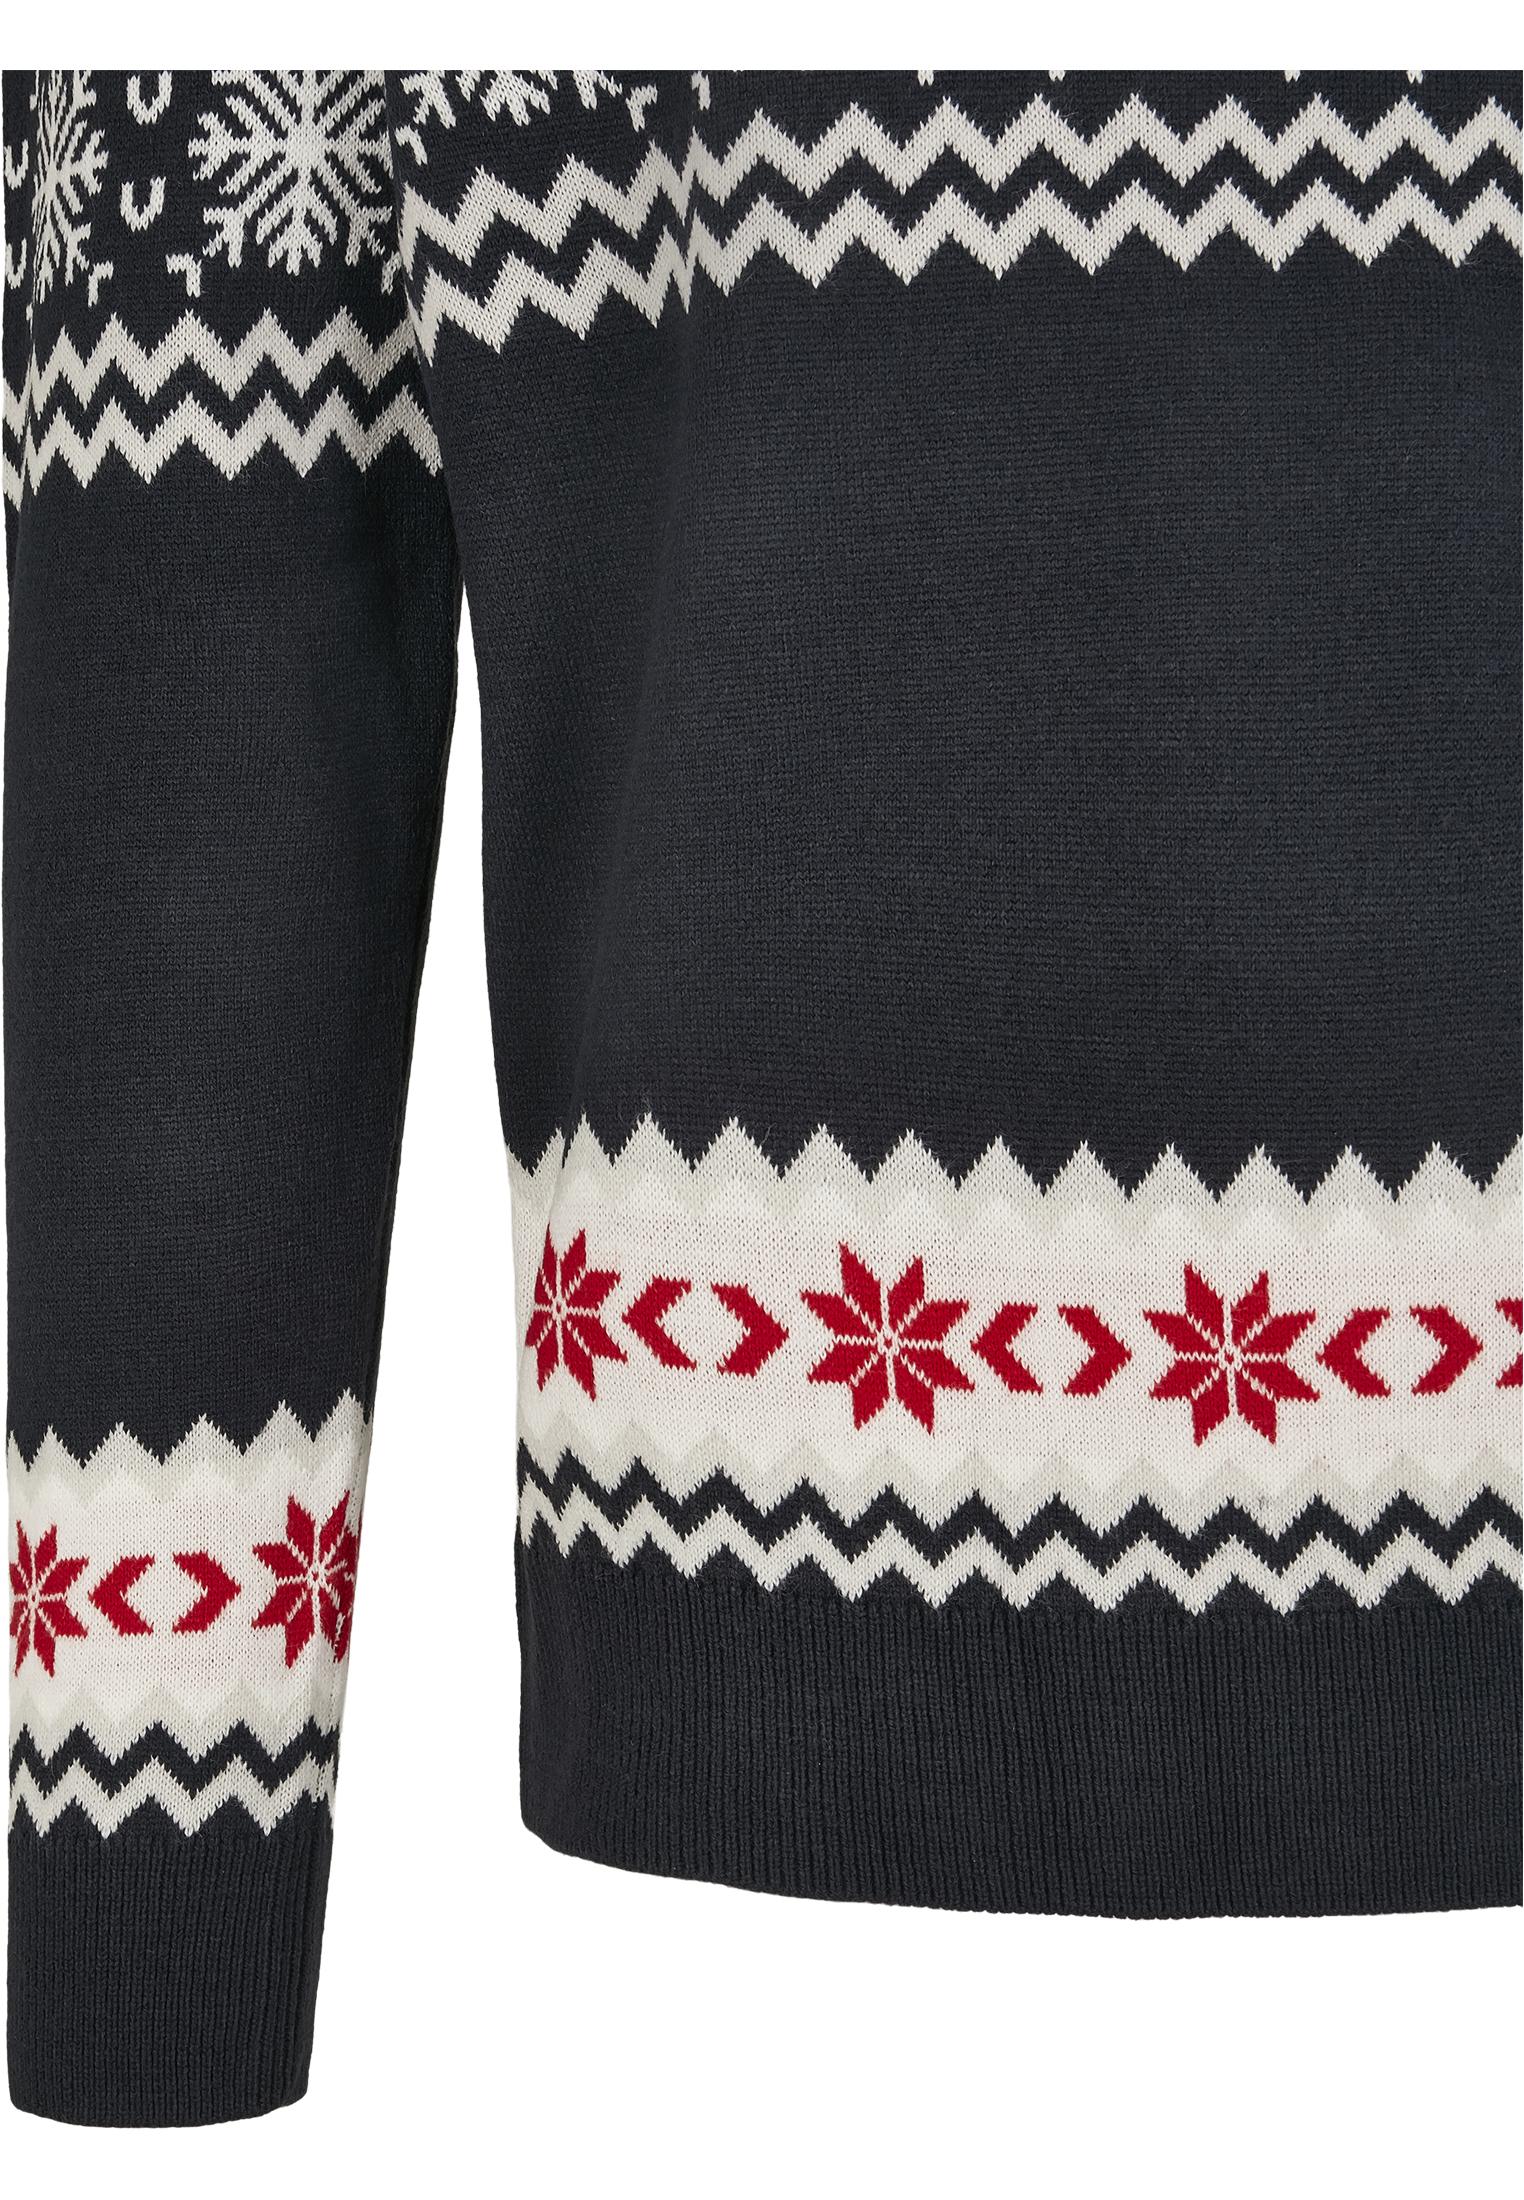 Norwegian Christmas Sweater TB3206